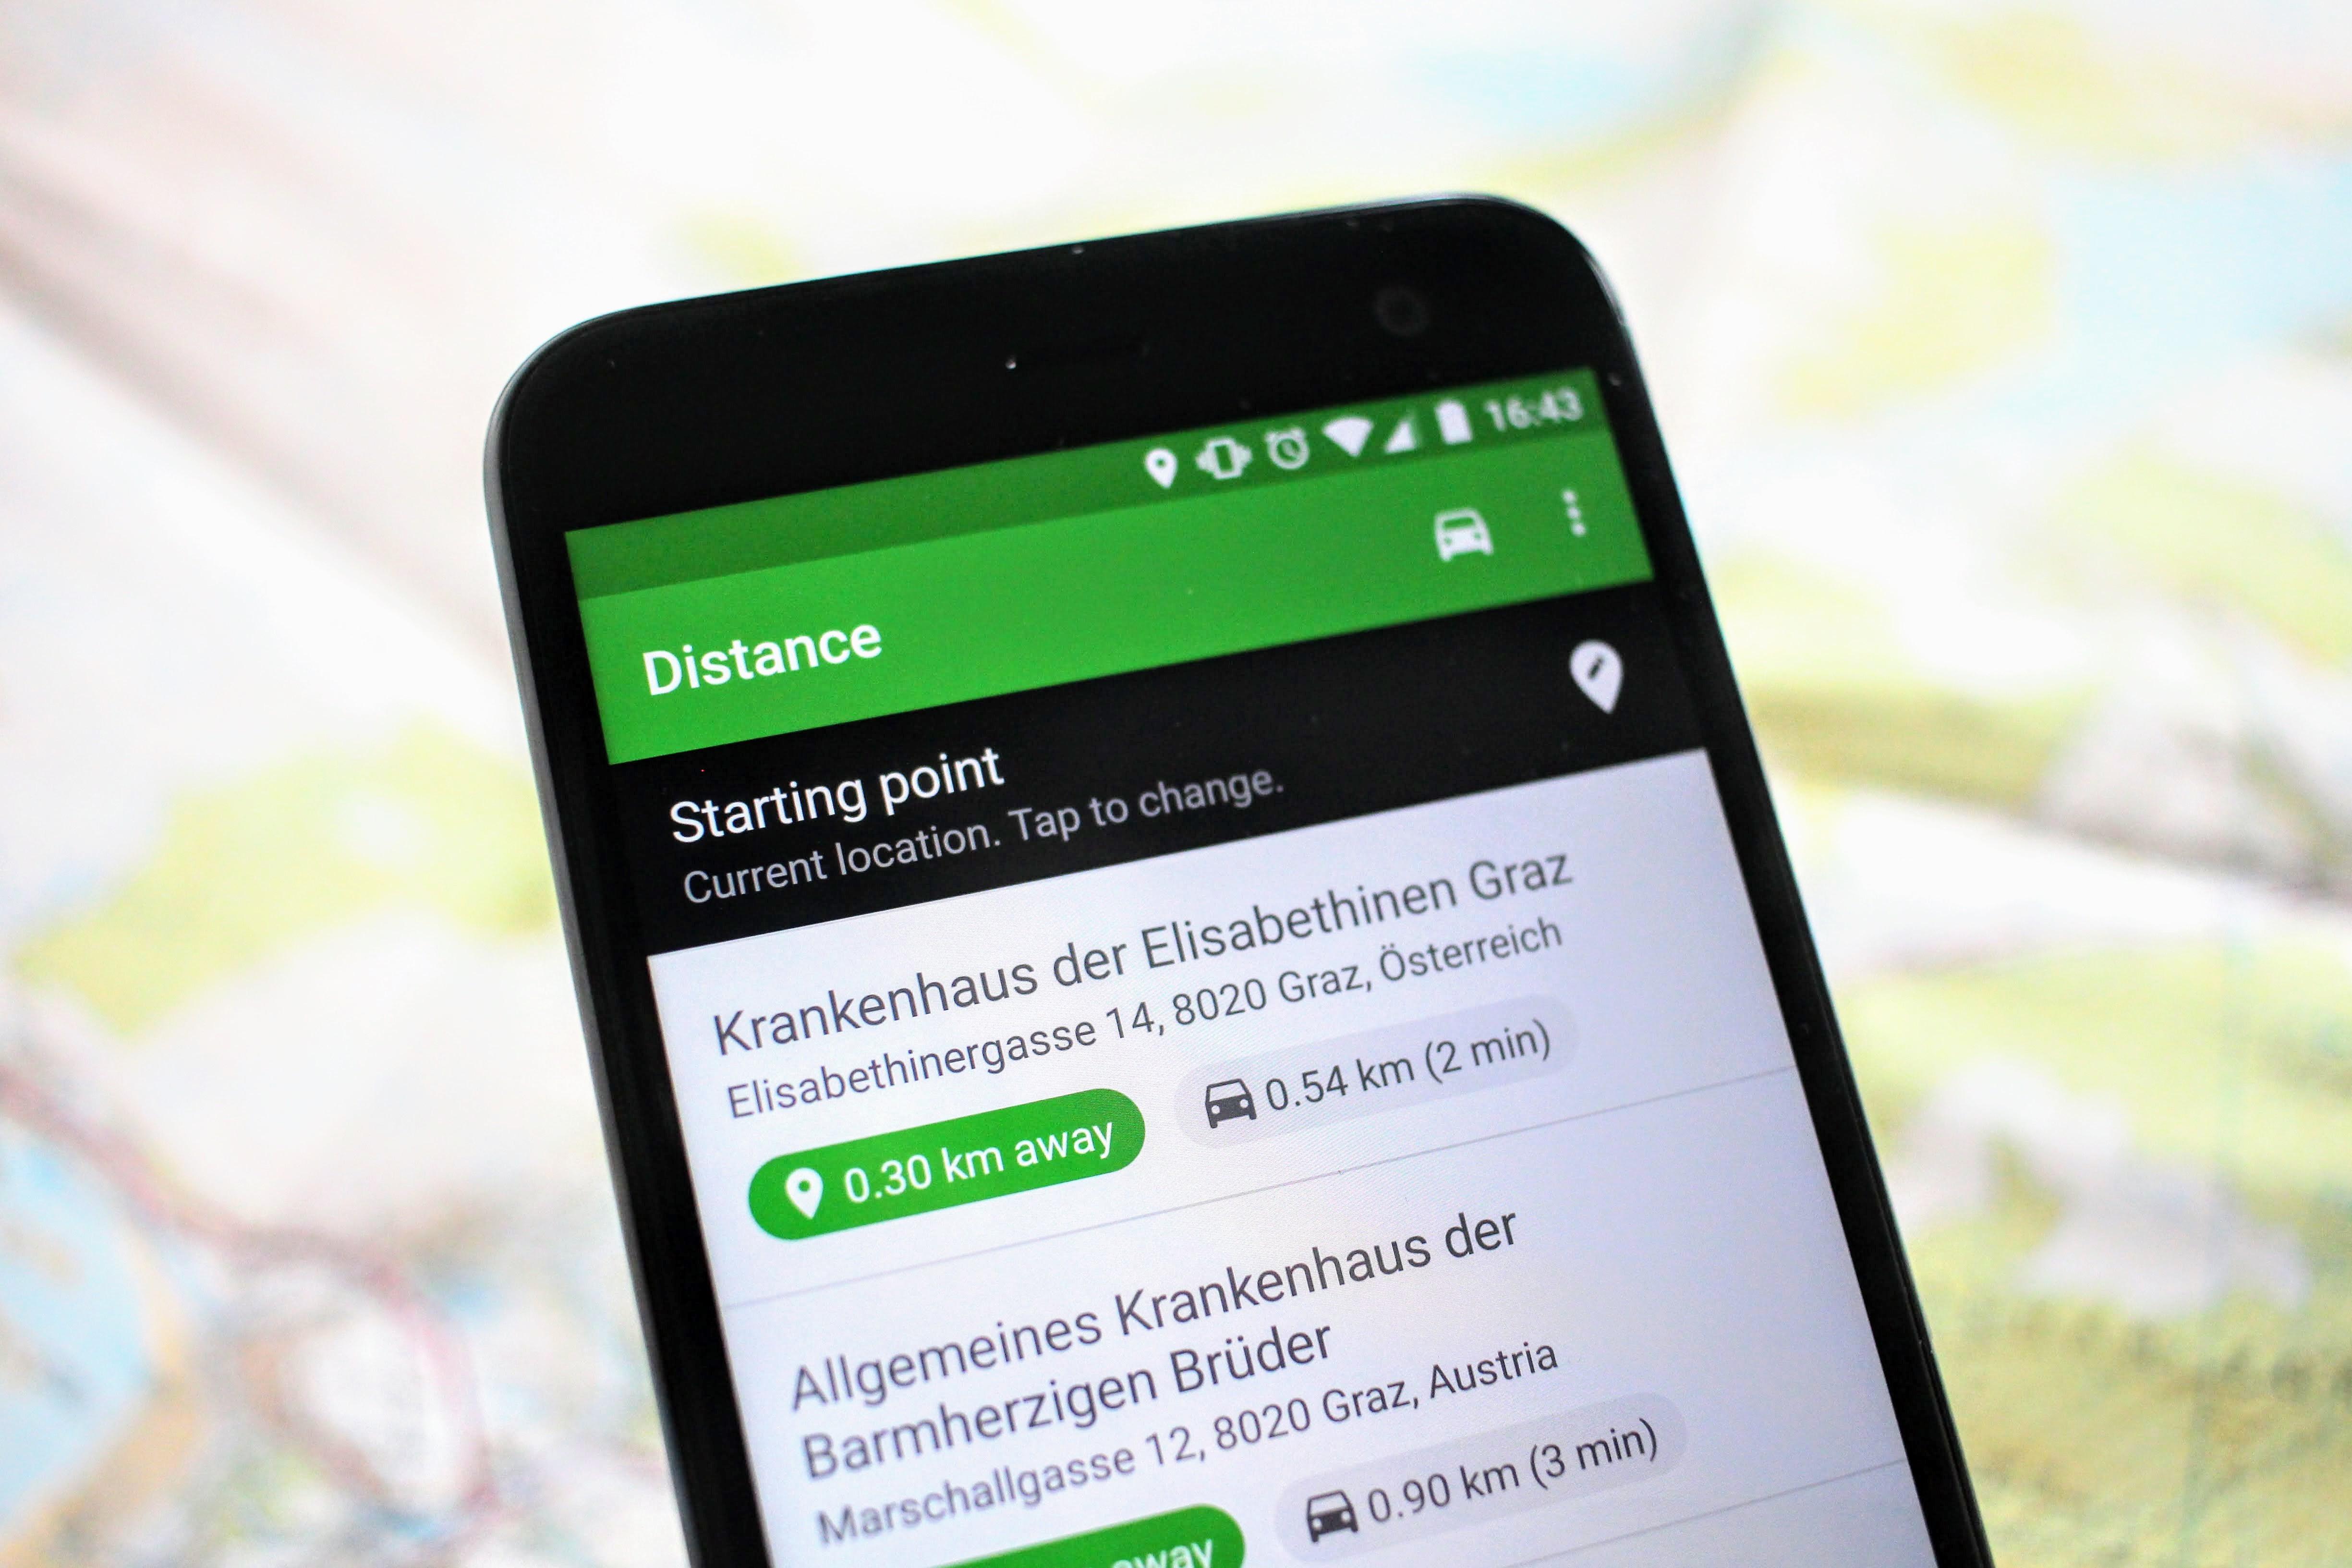 Maps Entfernungsmesser Iphone : Entfernung markus deutsch